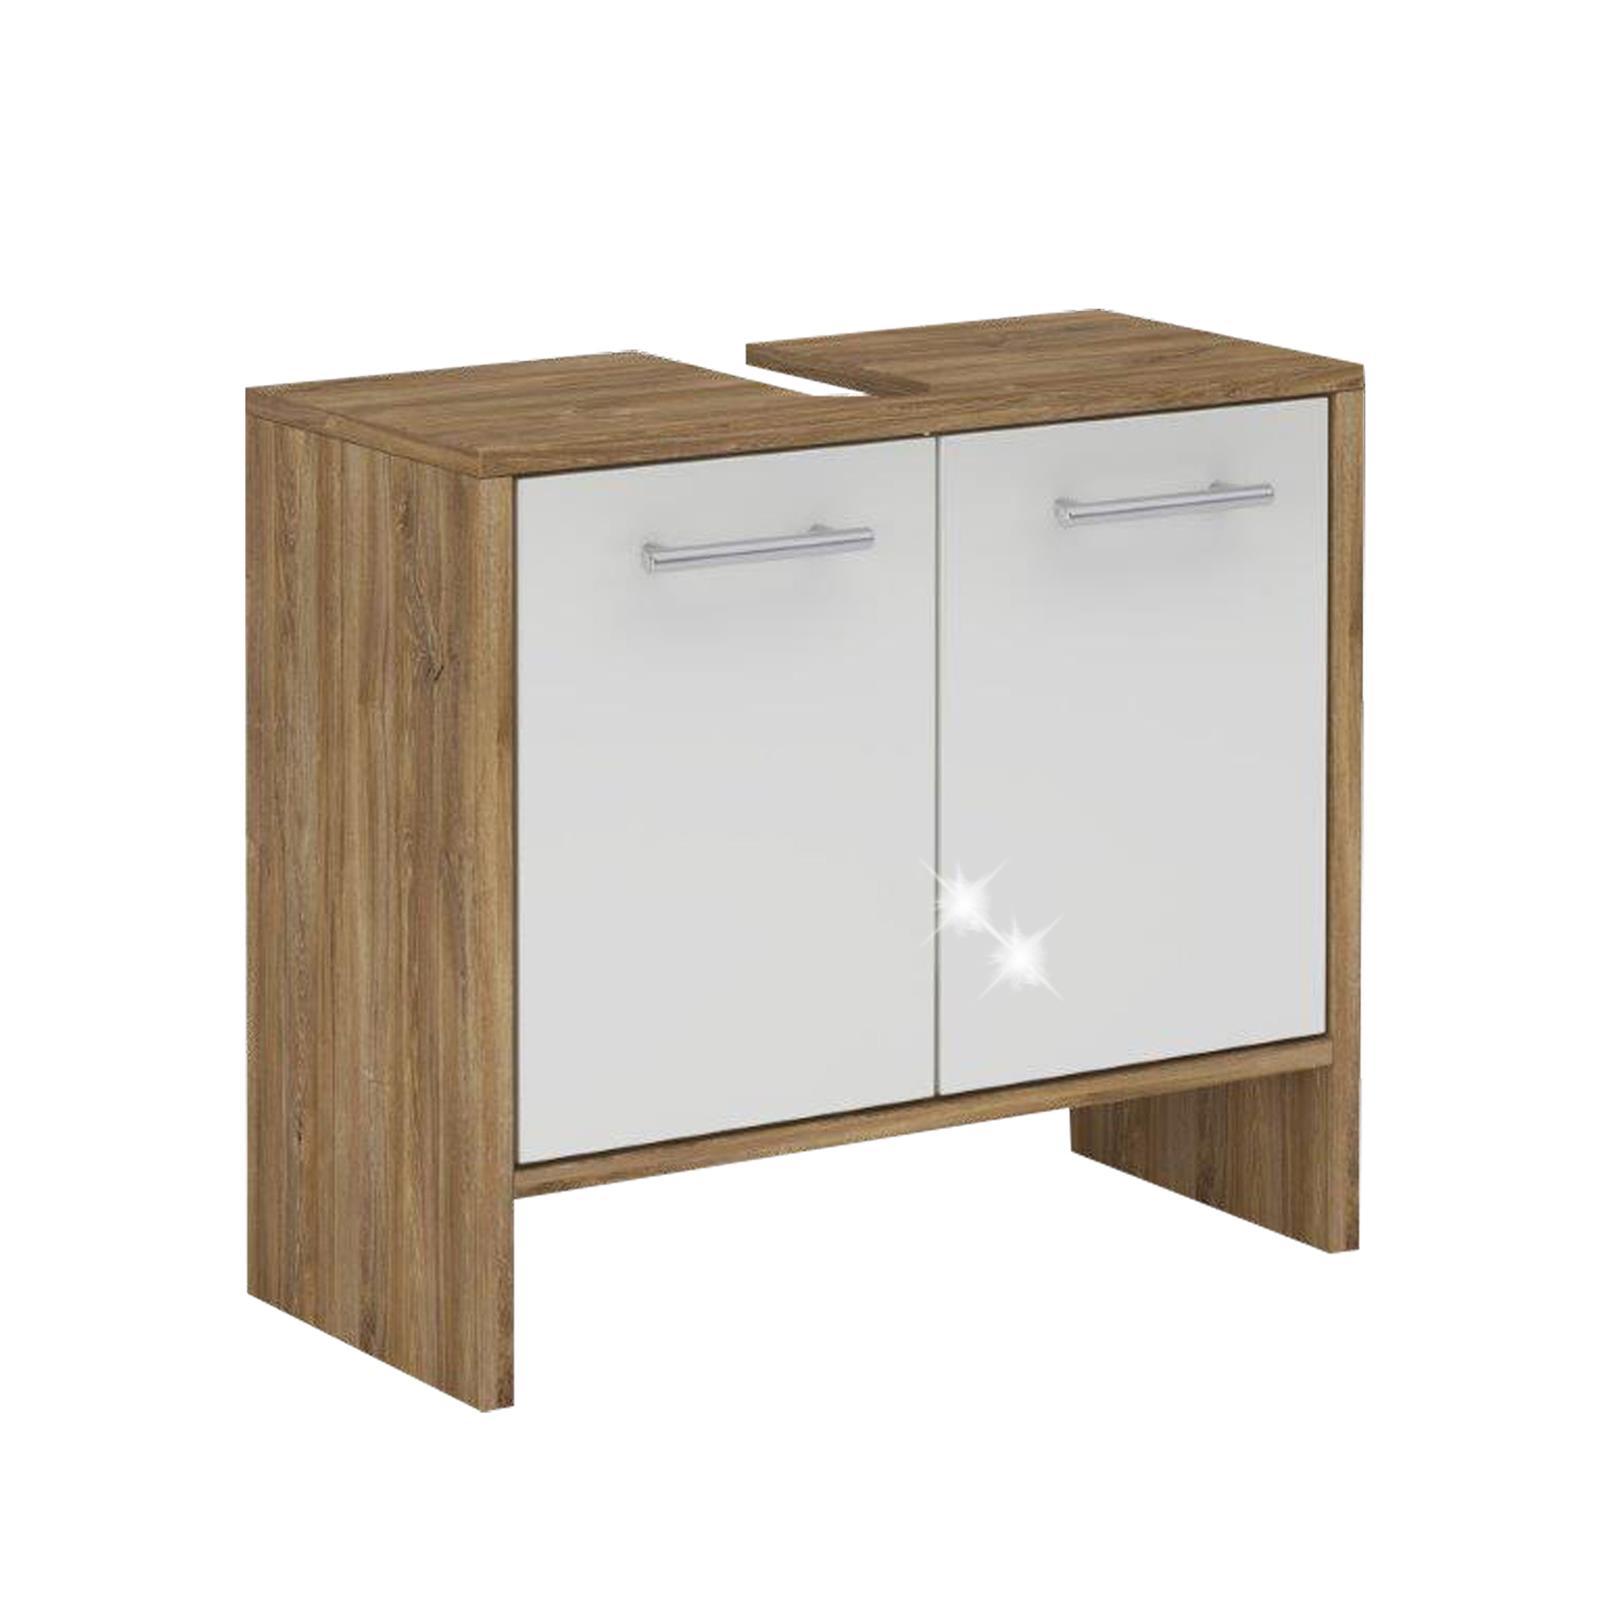 waschbecken unterschrank waschtischunterschrank badschrank k che 62 cm breit ebay. Black Bedroom Furniture Sets. Home Design Ideas